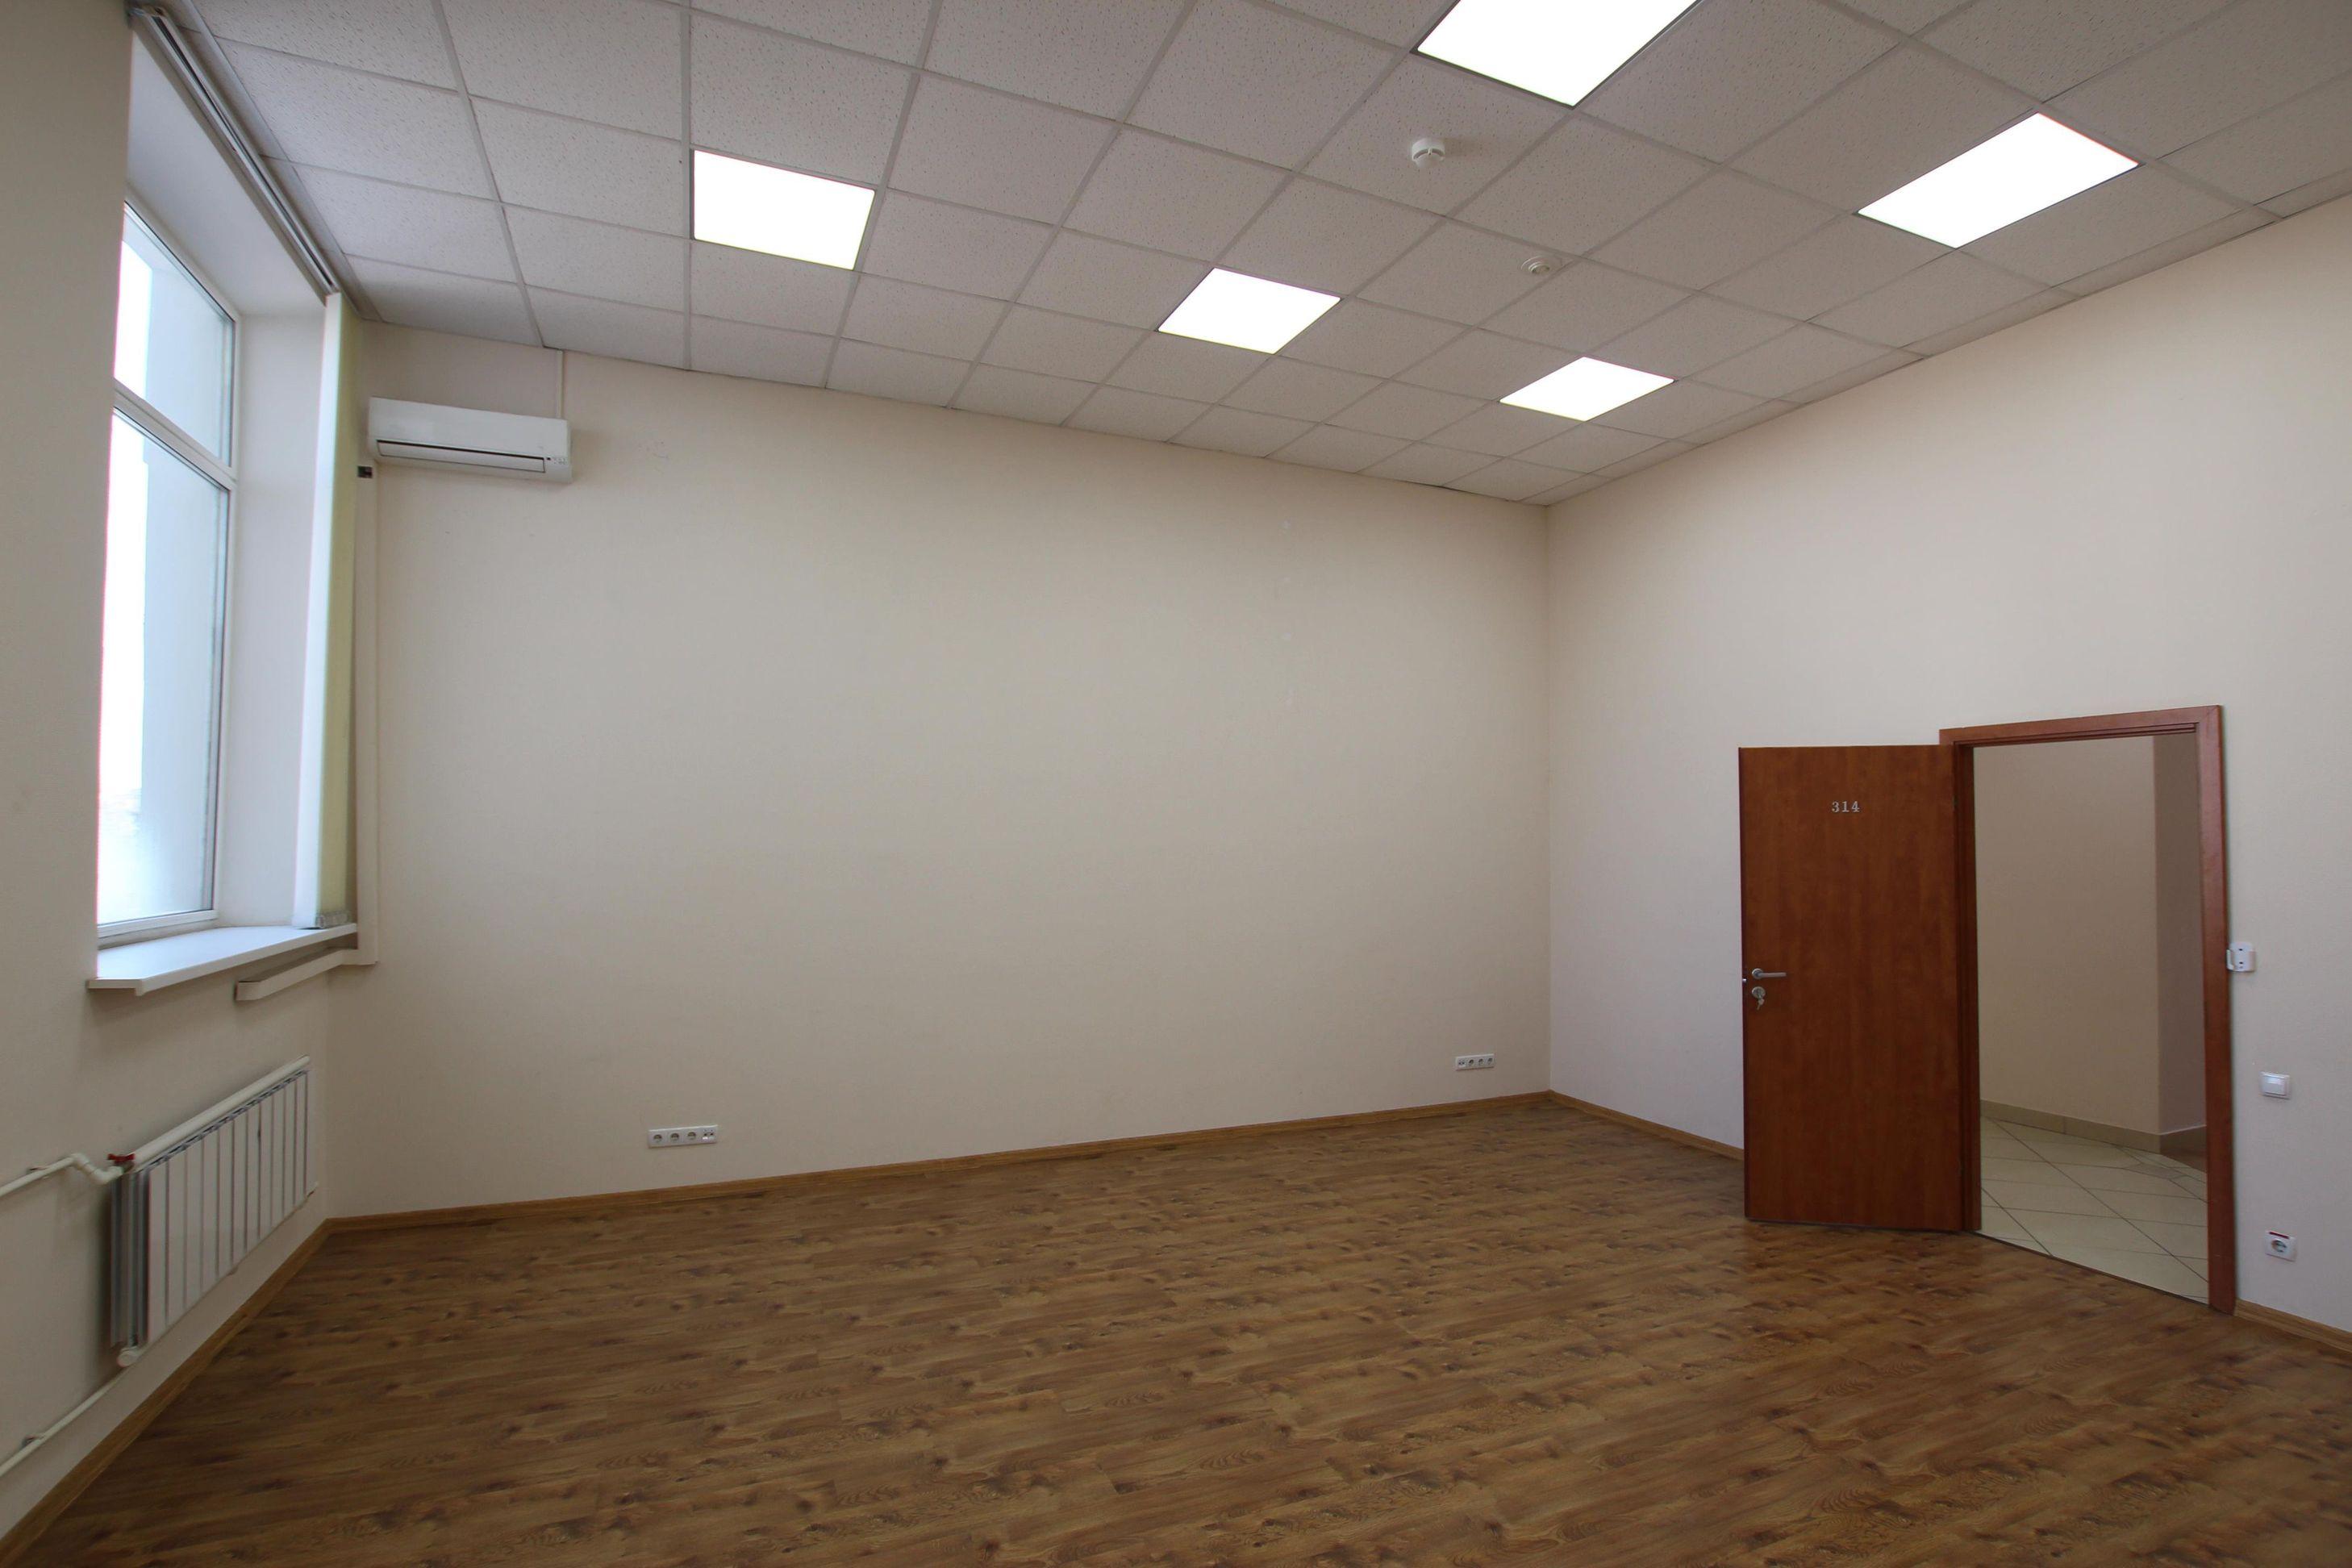 подготовили для пустое помещение кому арендовать фото приведу фотографии девушки